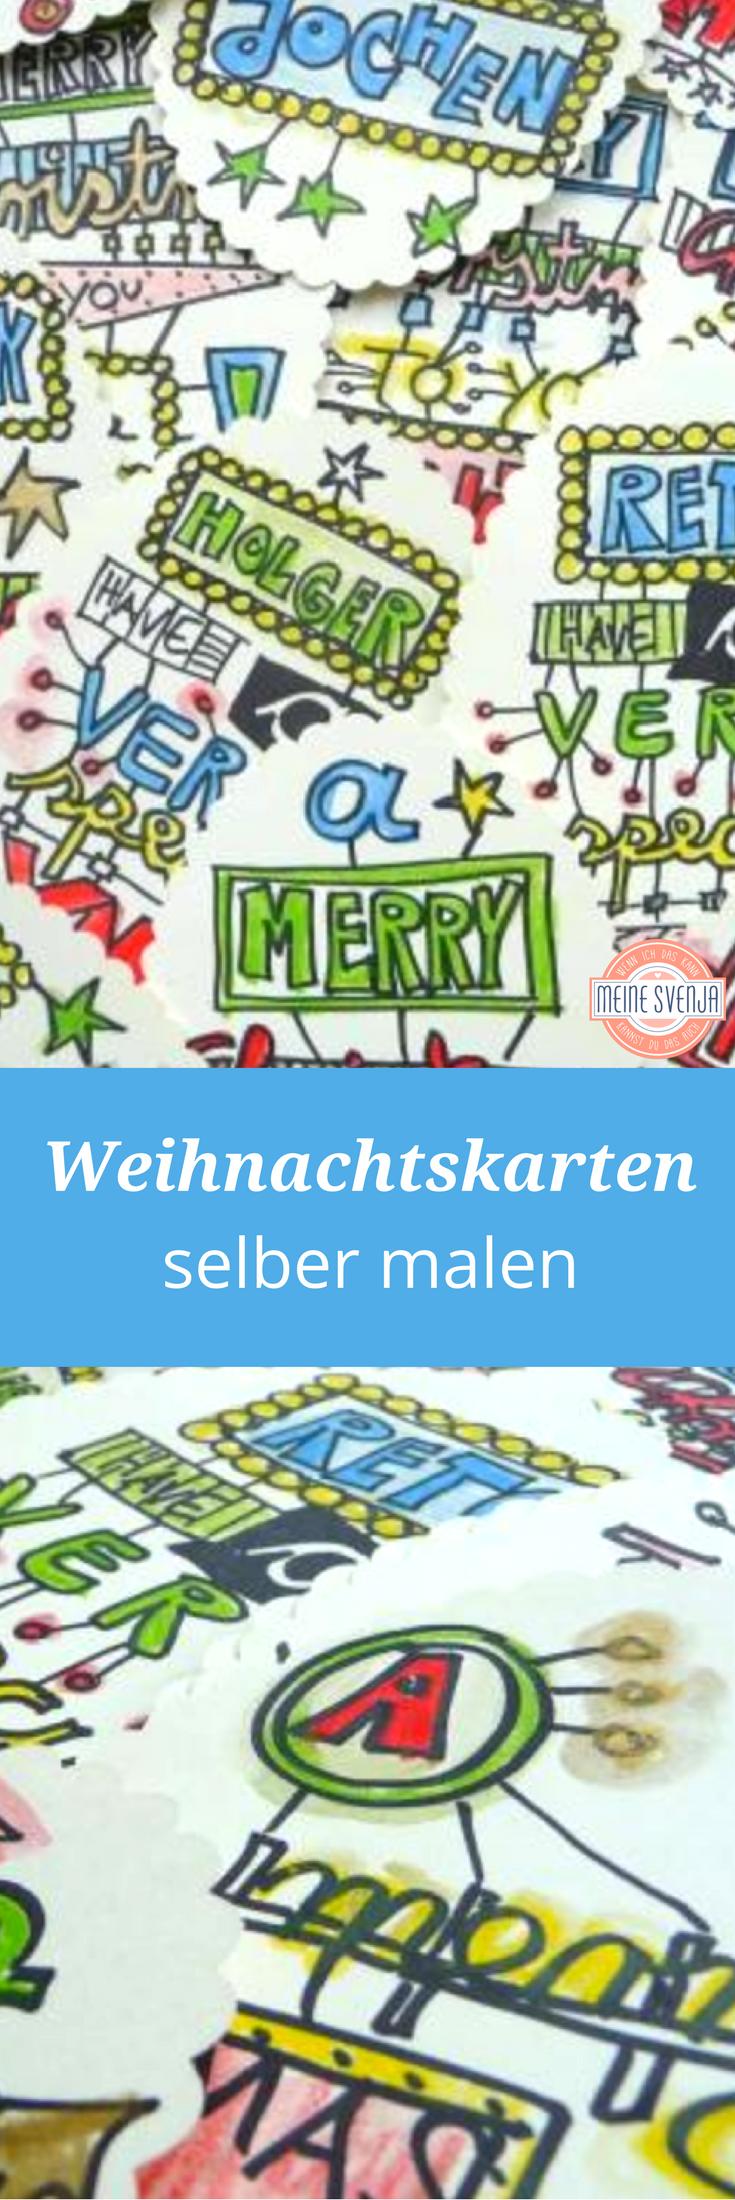 Weihnachtskarten selber malen   Pinterest   Weihnachtskarten selber ...